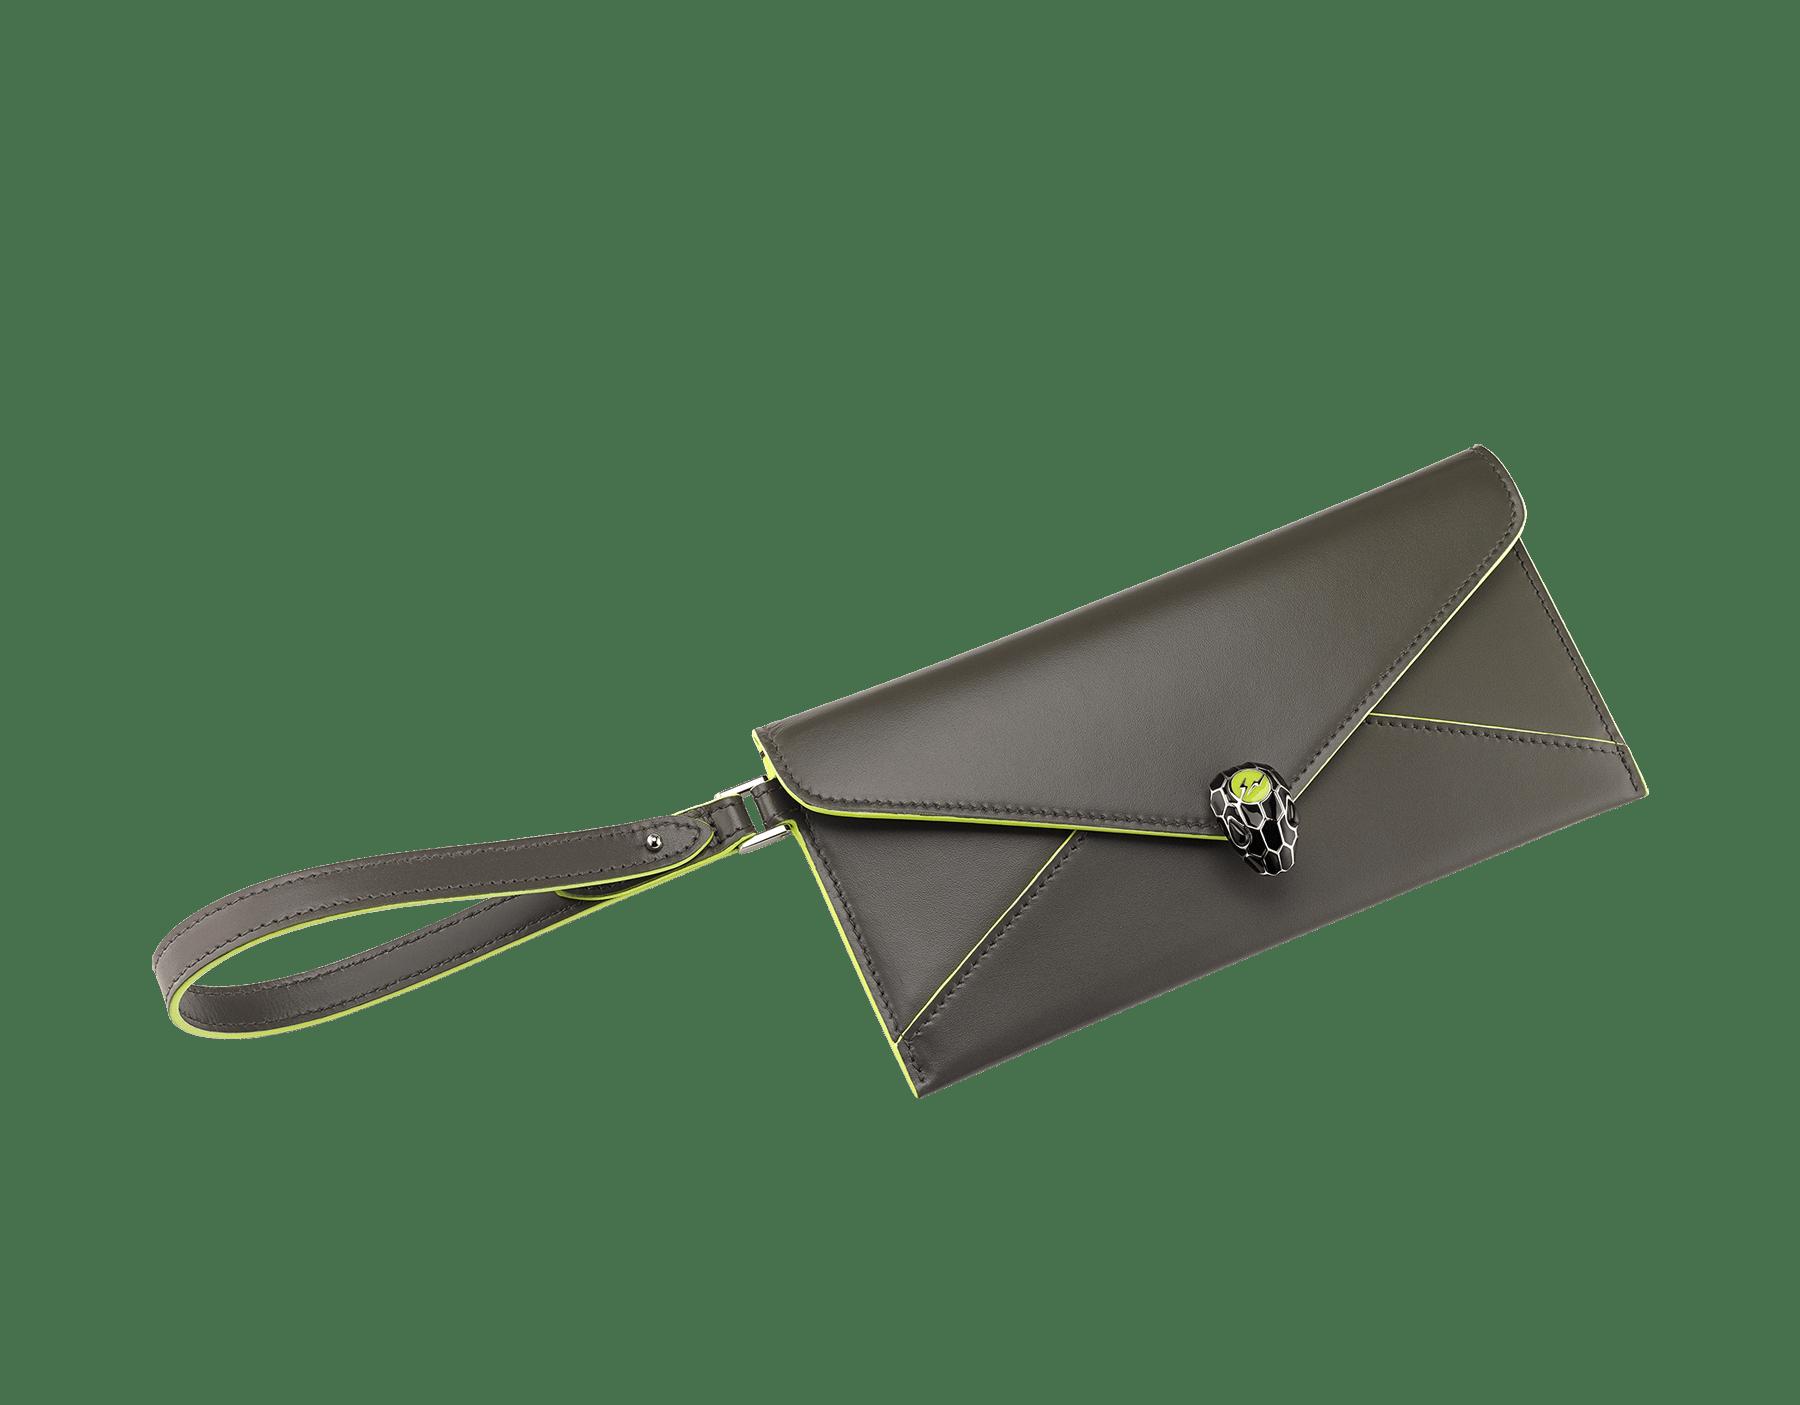 BVLGARI x FRAGMENT by Hiroshi Fujiwara 「セルペンティ フォーエバー」エンベロープケース。 ホークアイと蛍光イエローのスムースカーフレザー製。FRAGMENTの稲妻デザインを加えた、シャイニーなパラジウム プレート ブラス製のアイコニックなスネークヘッドスタッドクロージャー。ブラックと蛍光イエローのエナメルにブラックオニキスの目。 289530 image 1